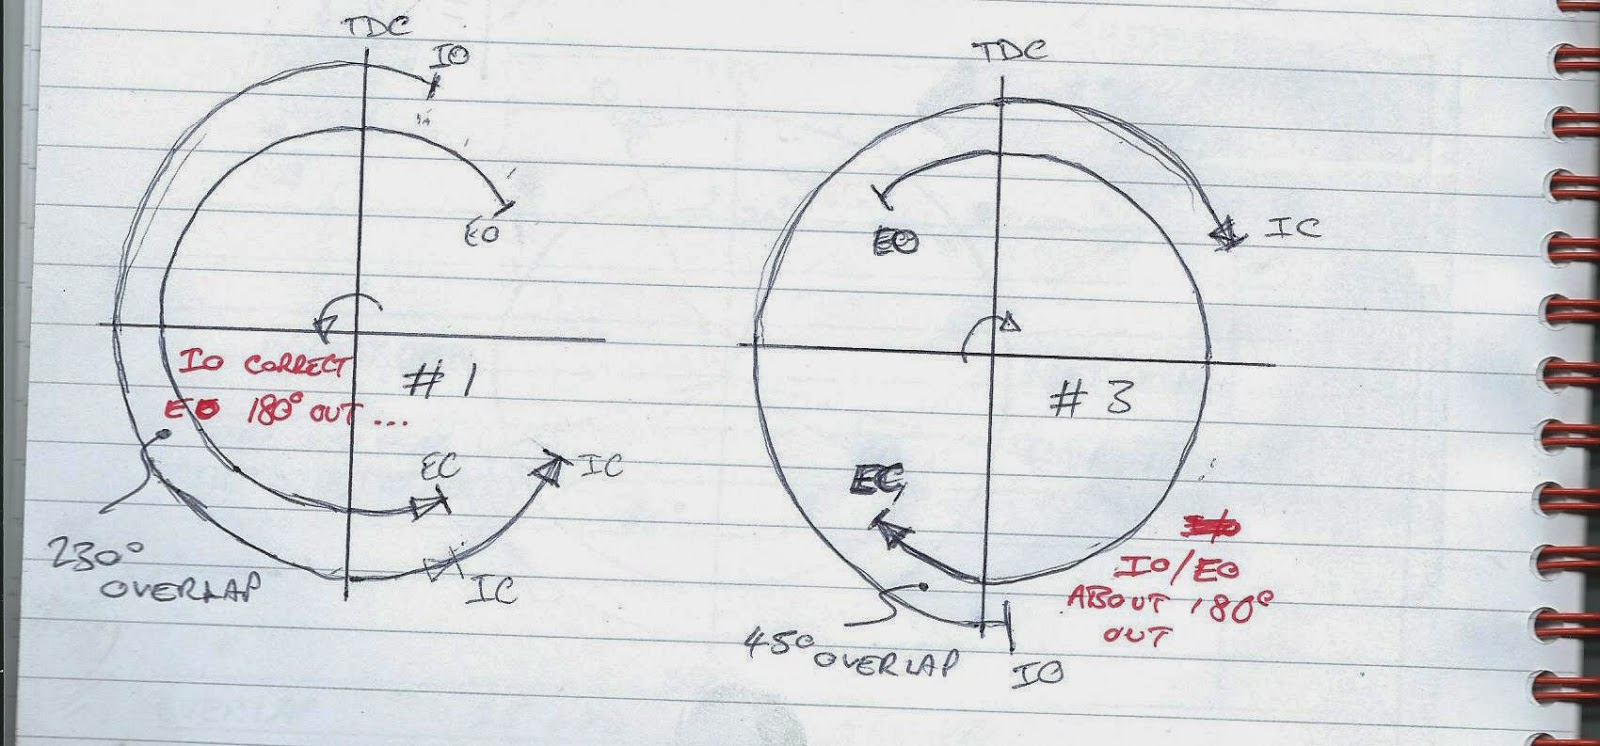 Royal Ryder Wiring Diagram Diagram Get Free Image About Wiring – Royal Ryder Wiring Diagram